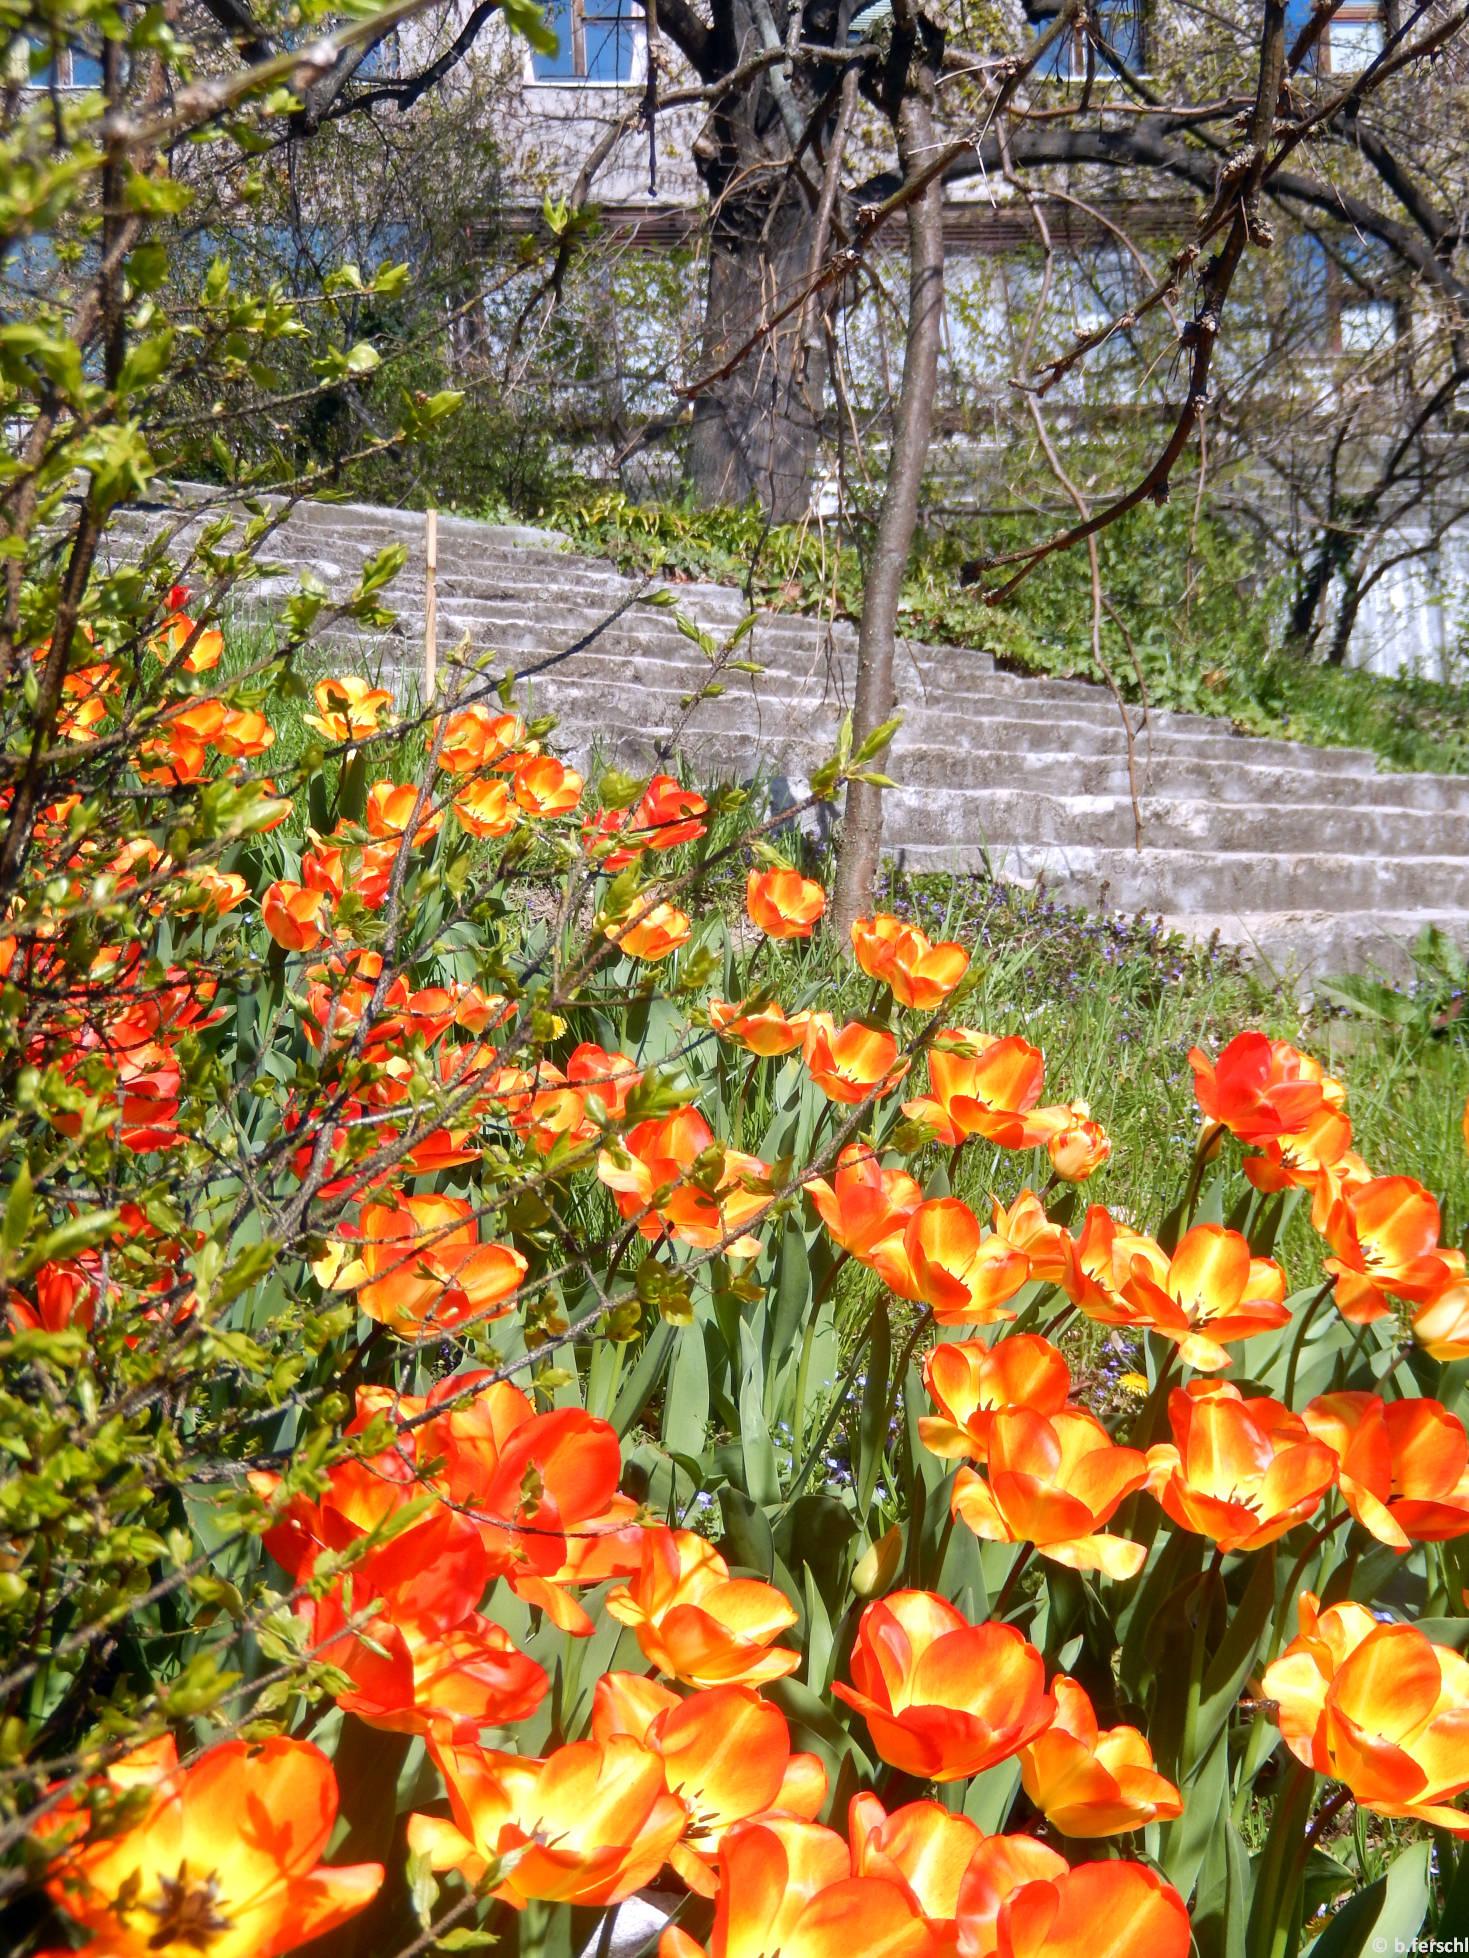 Mint a lángnyelvek...Tulipánok az évelő gyűjteménynél